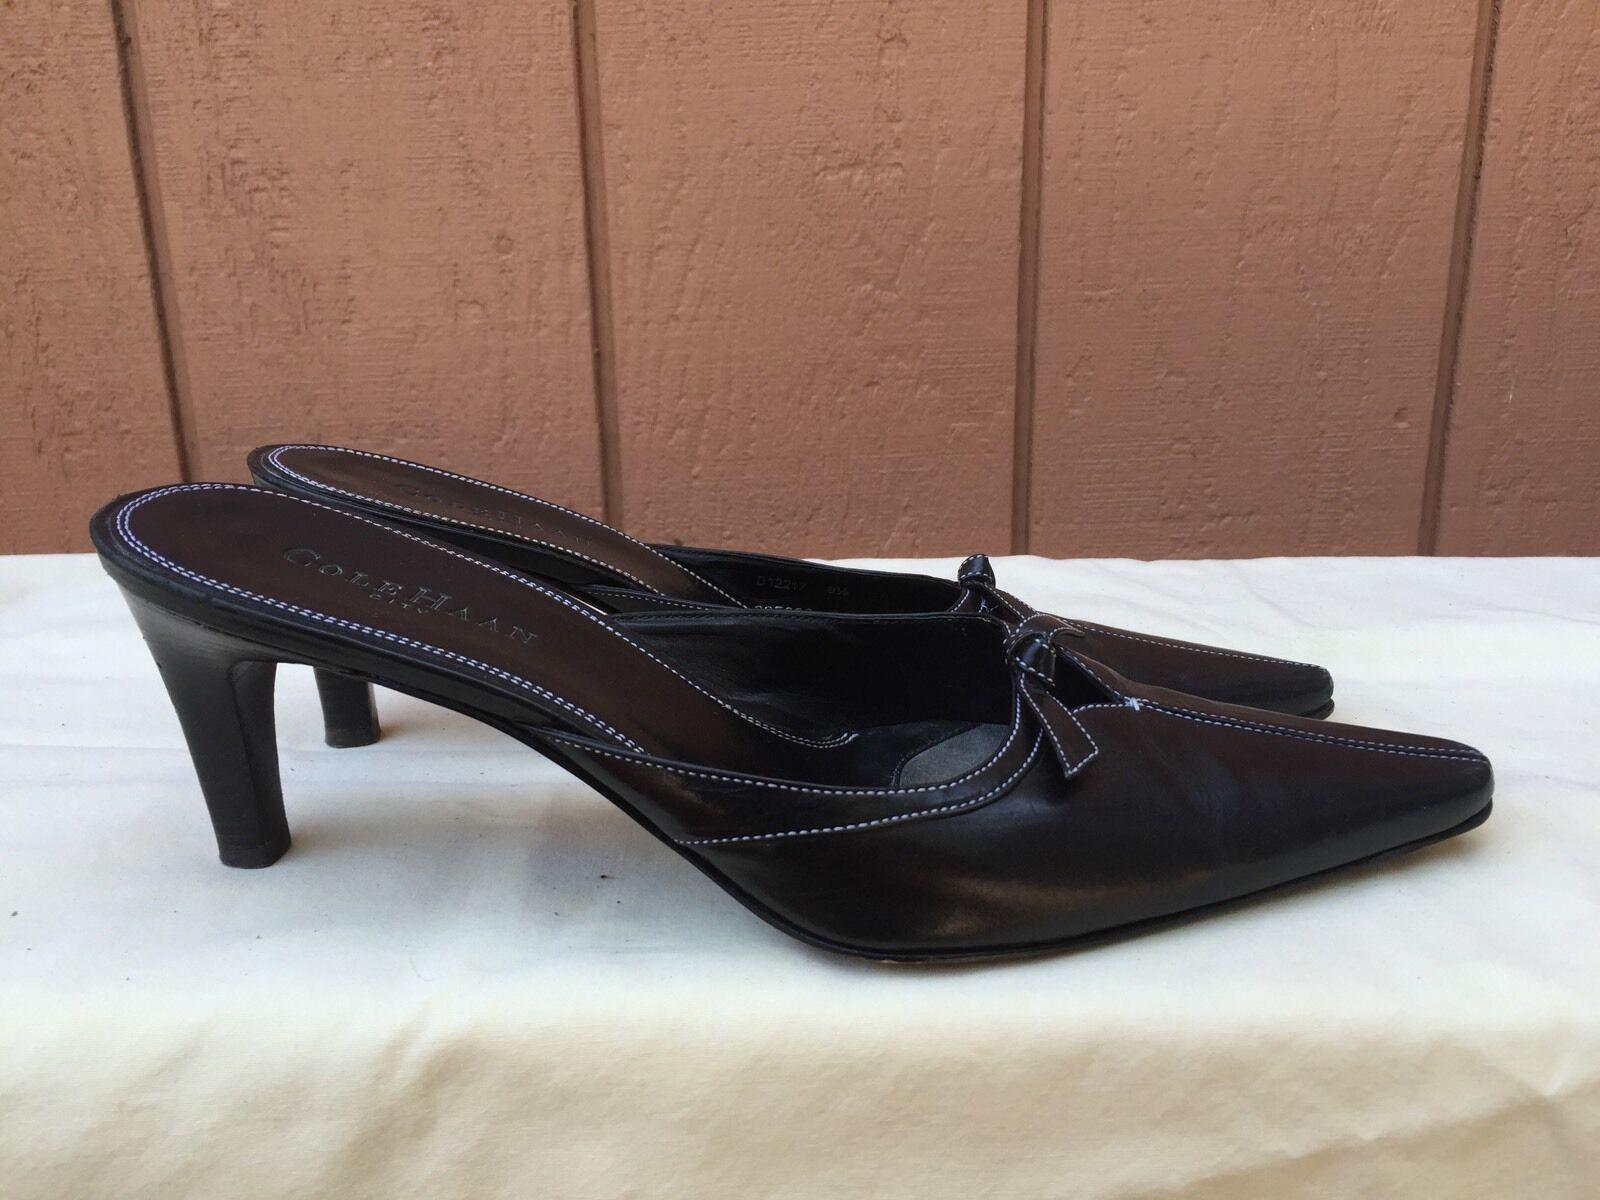 Excelente condición condición condición usada para mujer Cole Haan City Negro Cuero Calzado Antideslizante en arco Tacones mulas US 8.5 AA  marcas en línea venta barata